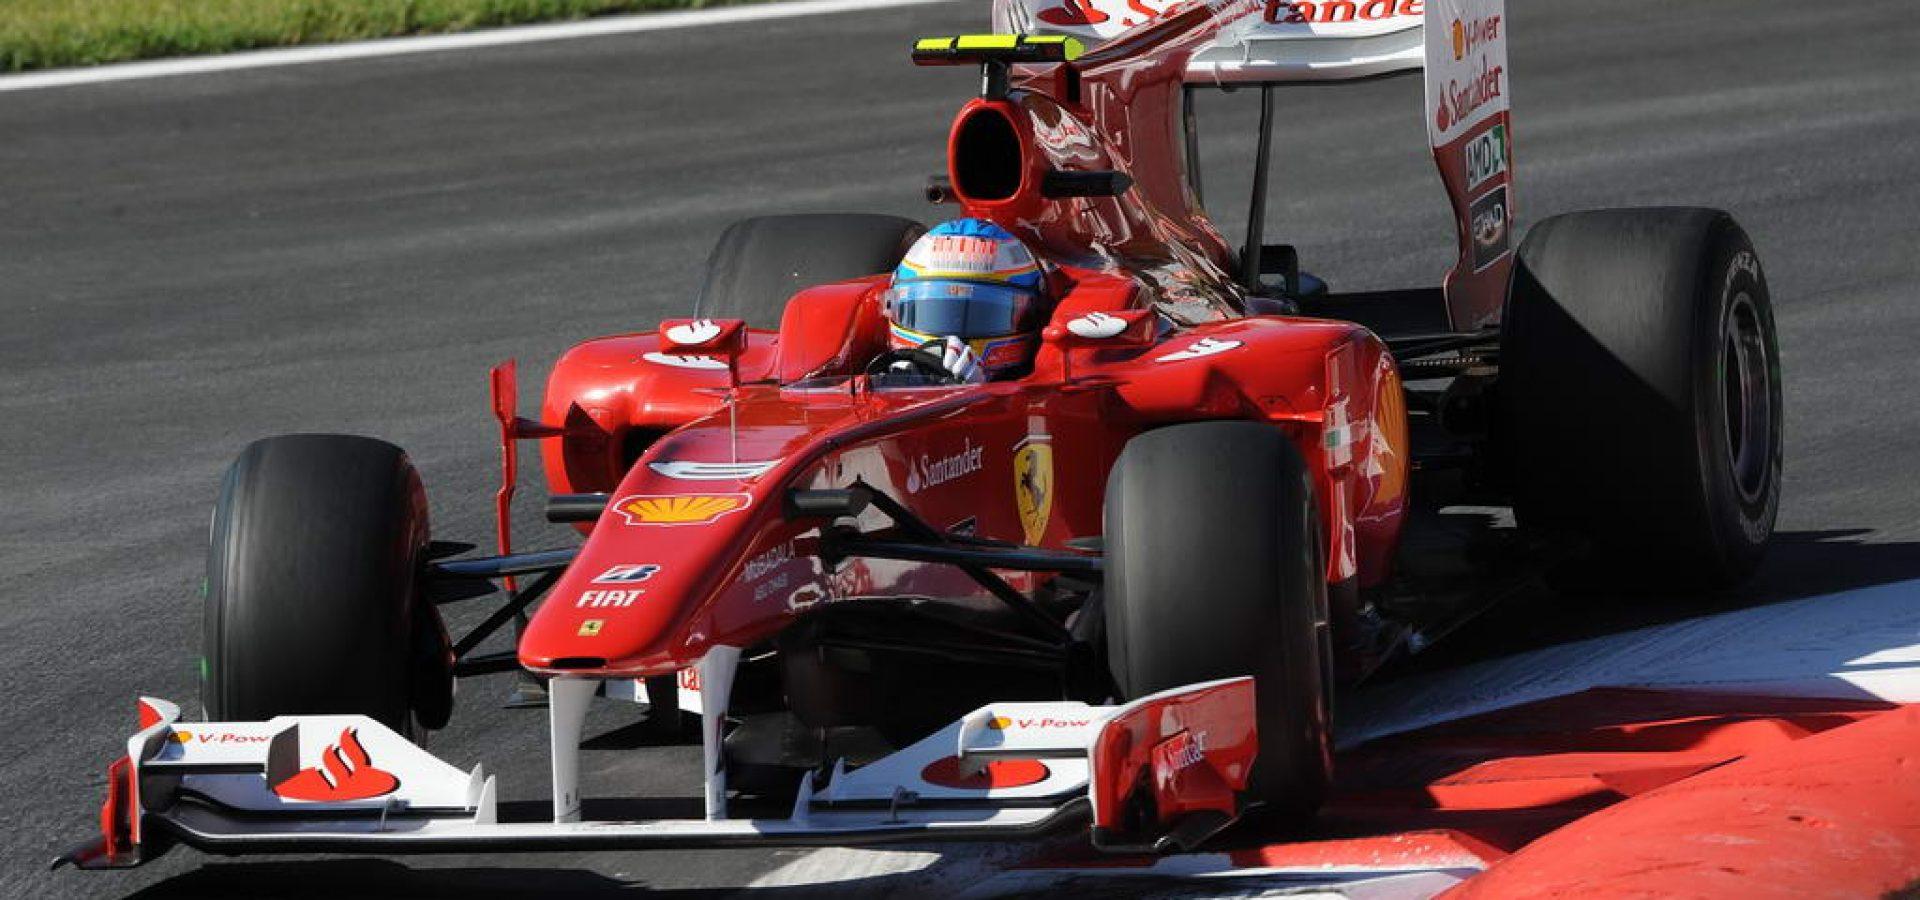 GP ITALIA F1_2010 - MONZA © FOTO ERCOLE COLOMBO Fernando Alonso, Ferrari, 2010 Italian Grand Prix